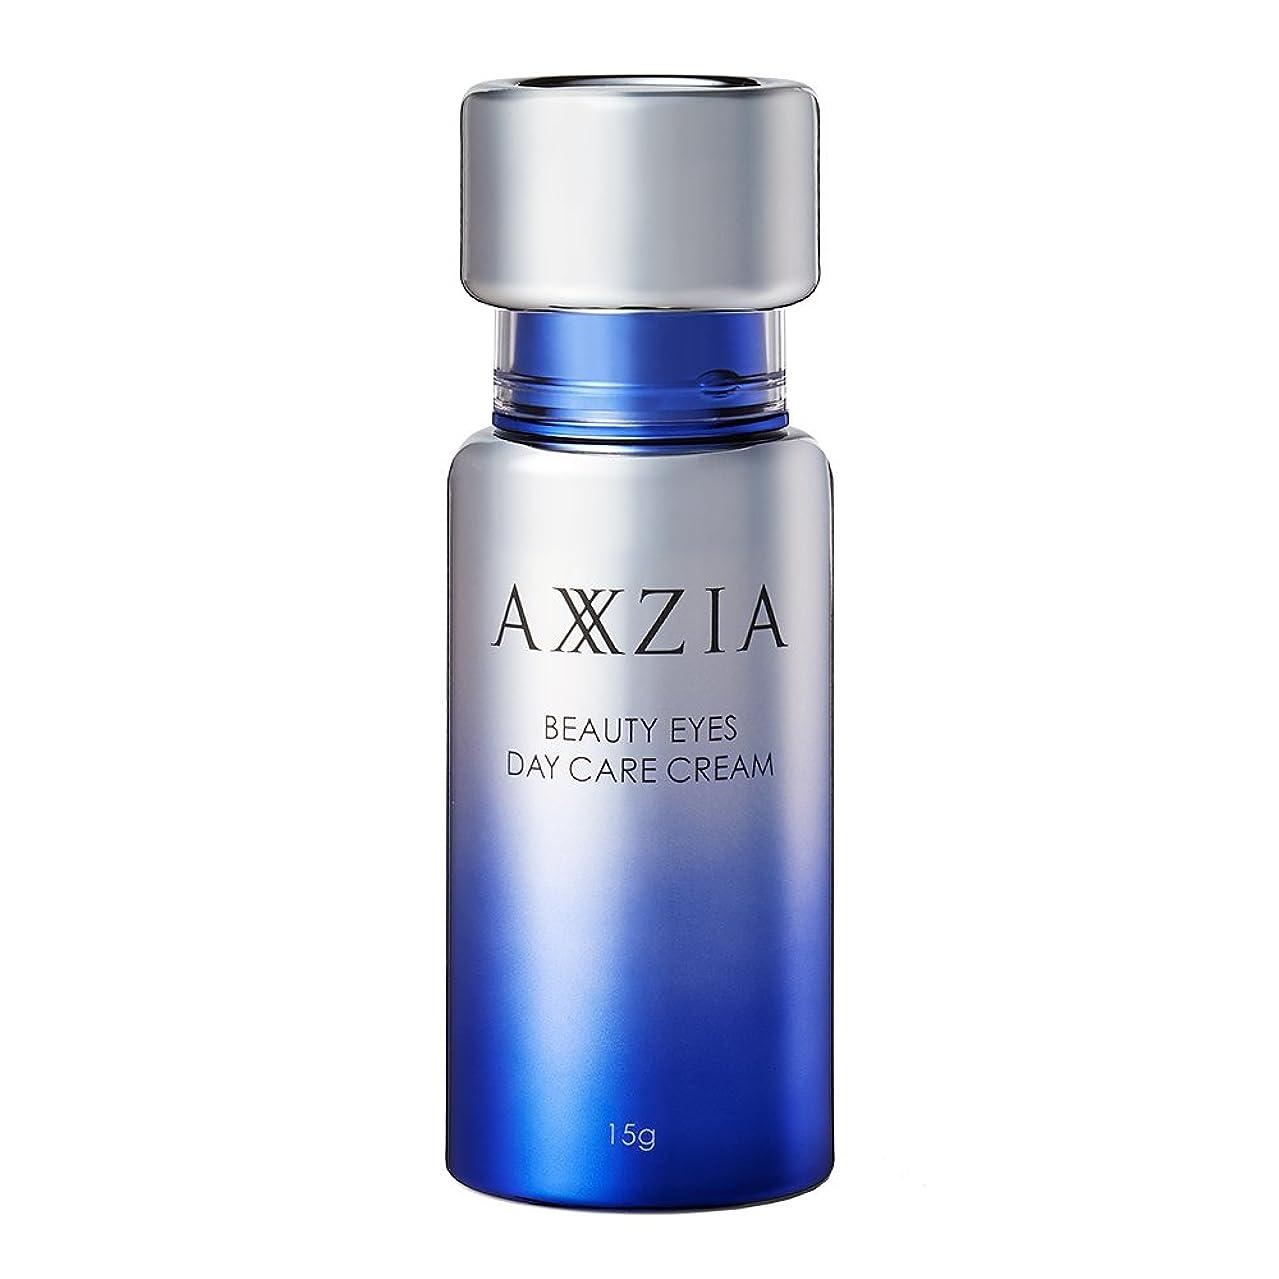 パパ熟すタワーアクシージア (AXXZIA) ビューティアイズ デイ ケア クリーム 15g | アイクリーム 目の下のたるみ 化粧品 解消 目元のたるみ